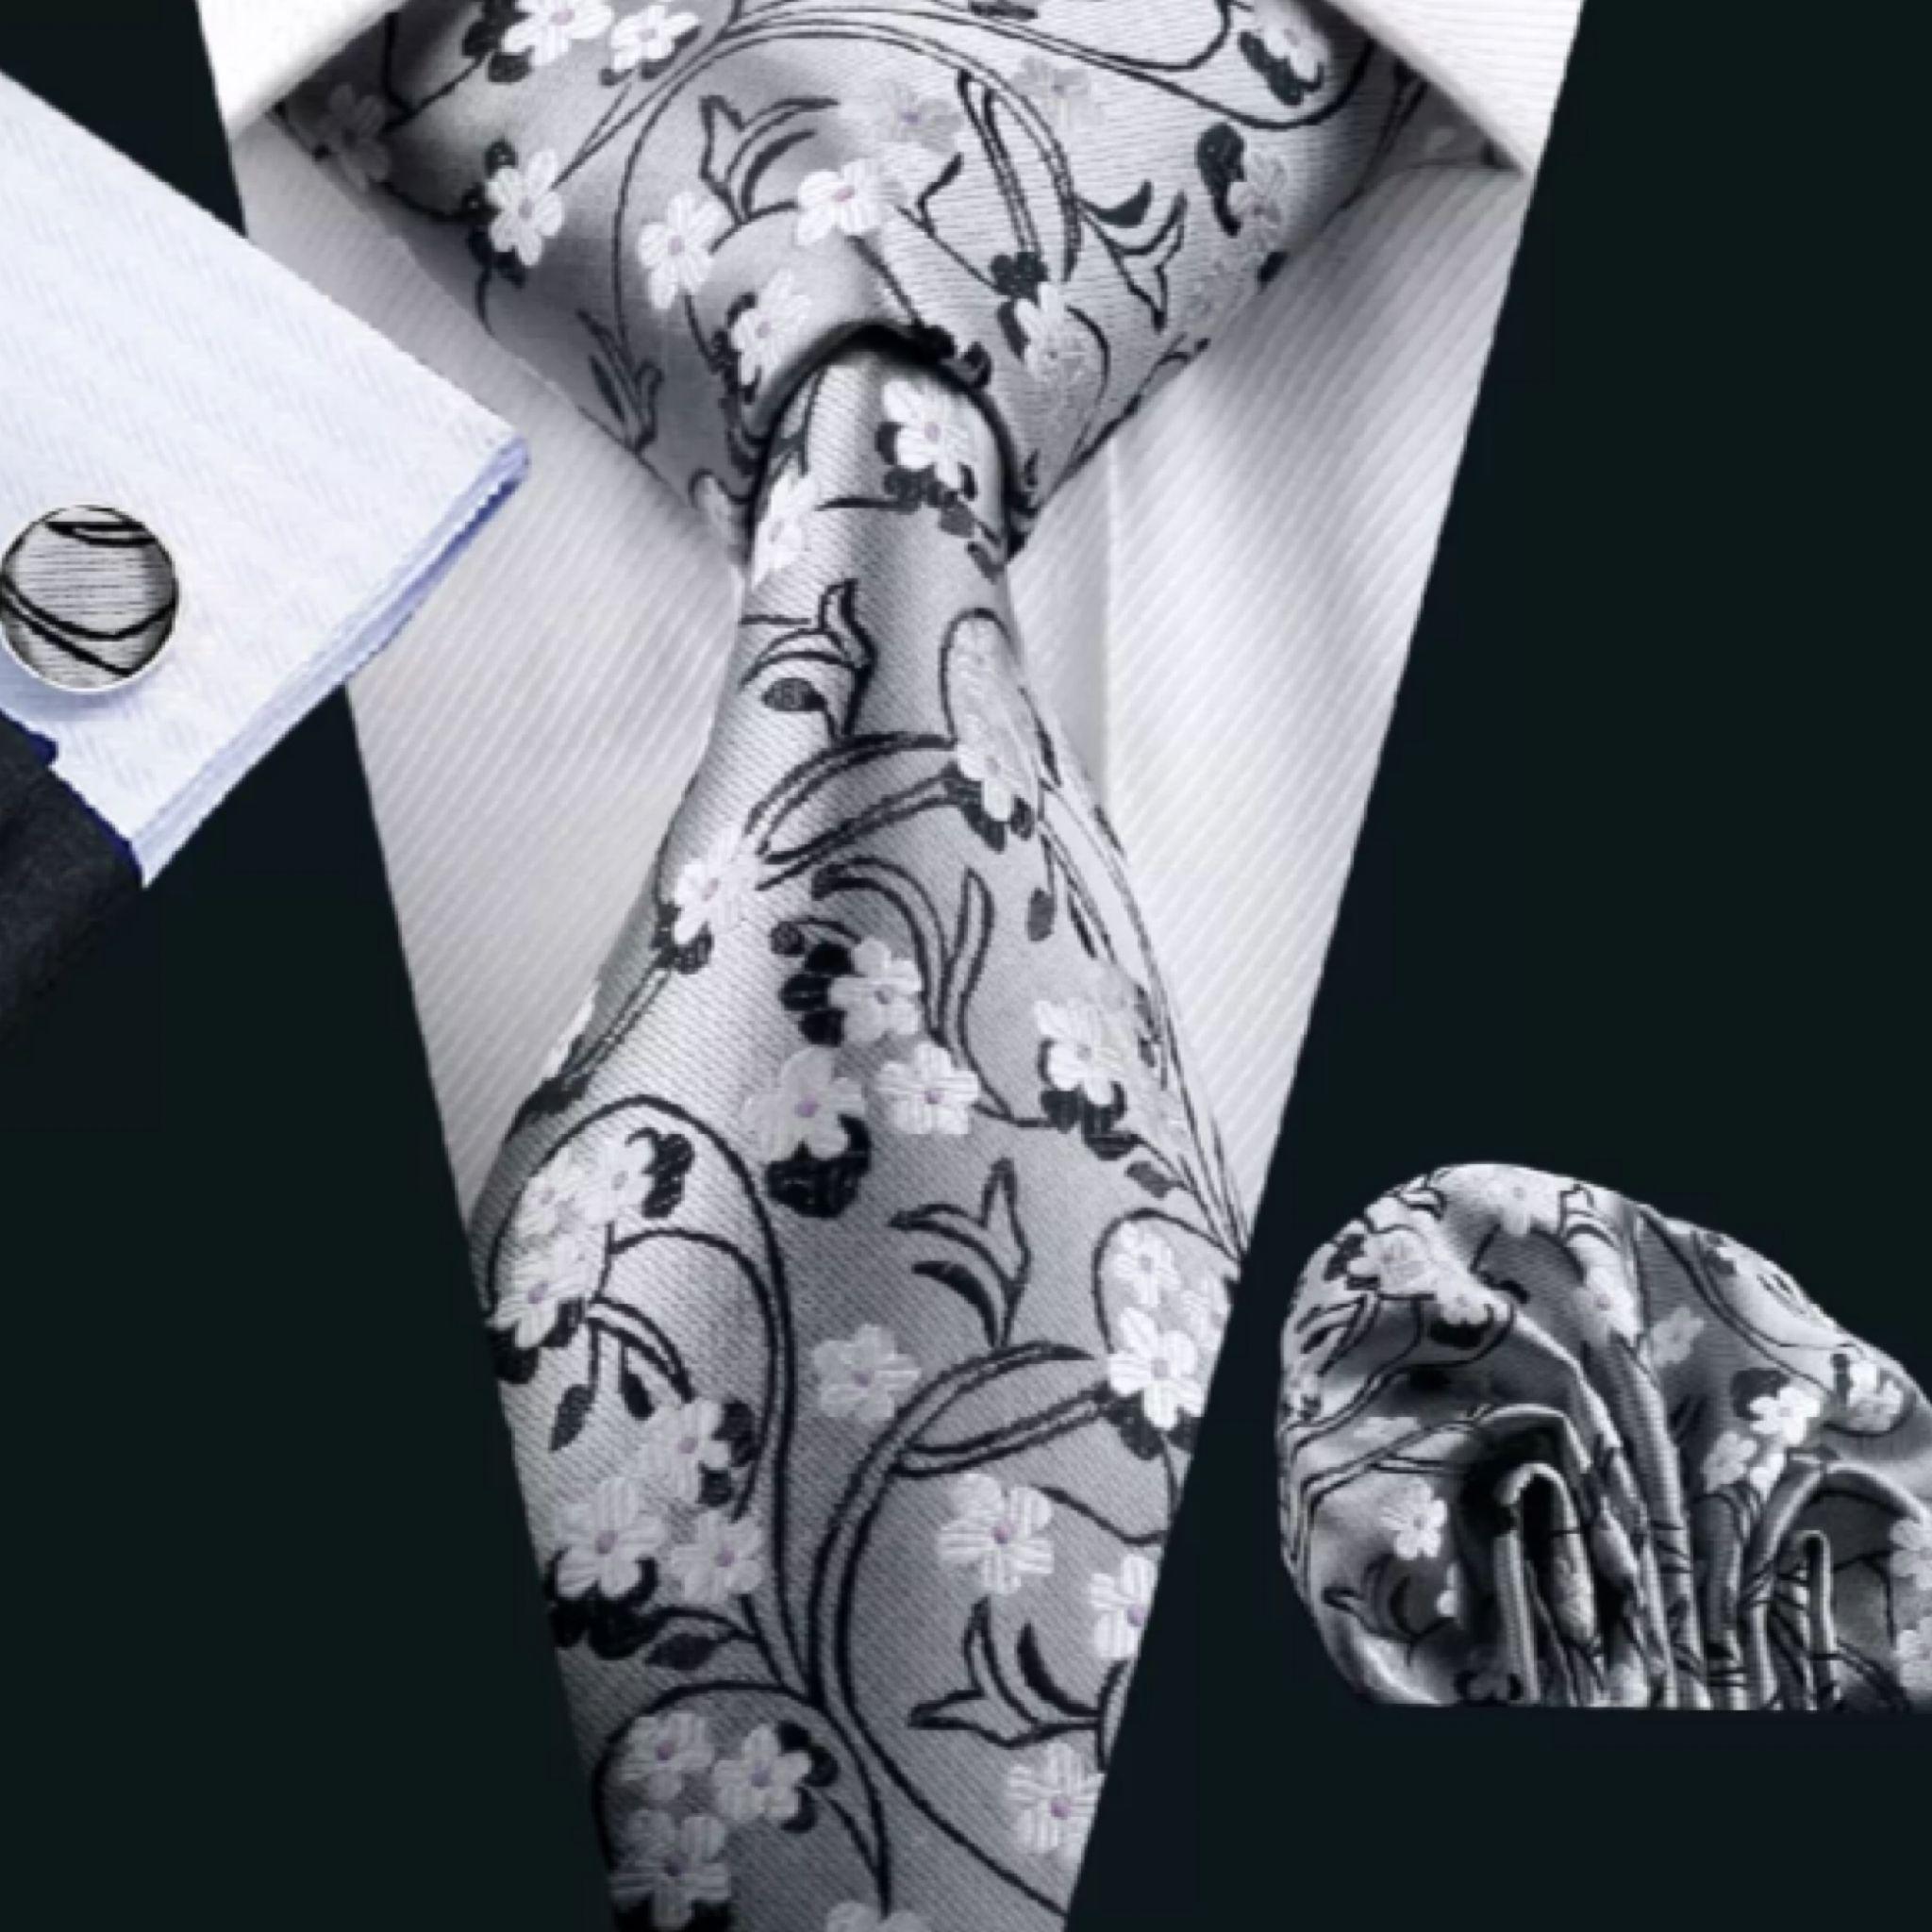 Mens Silk Coordinated Tie Set Silver Floral In 2018 Ties How To A Trinity Knot Diagram Van Wijk Necktie Uyleesboutique